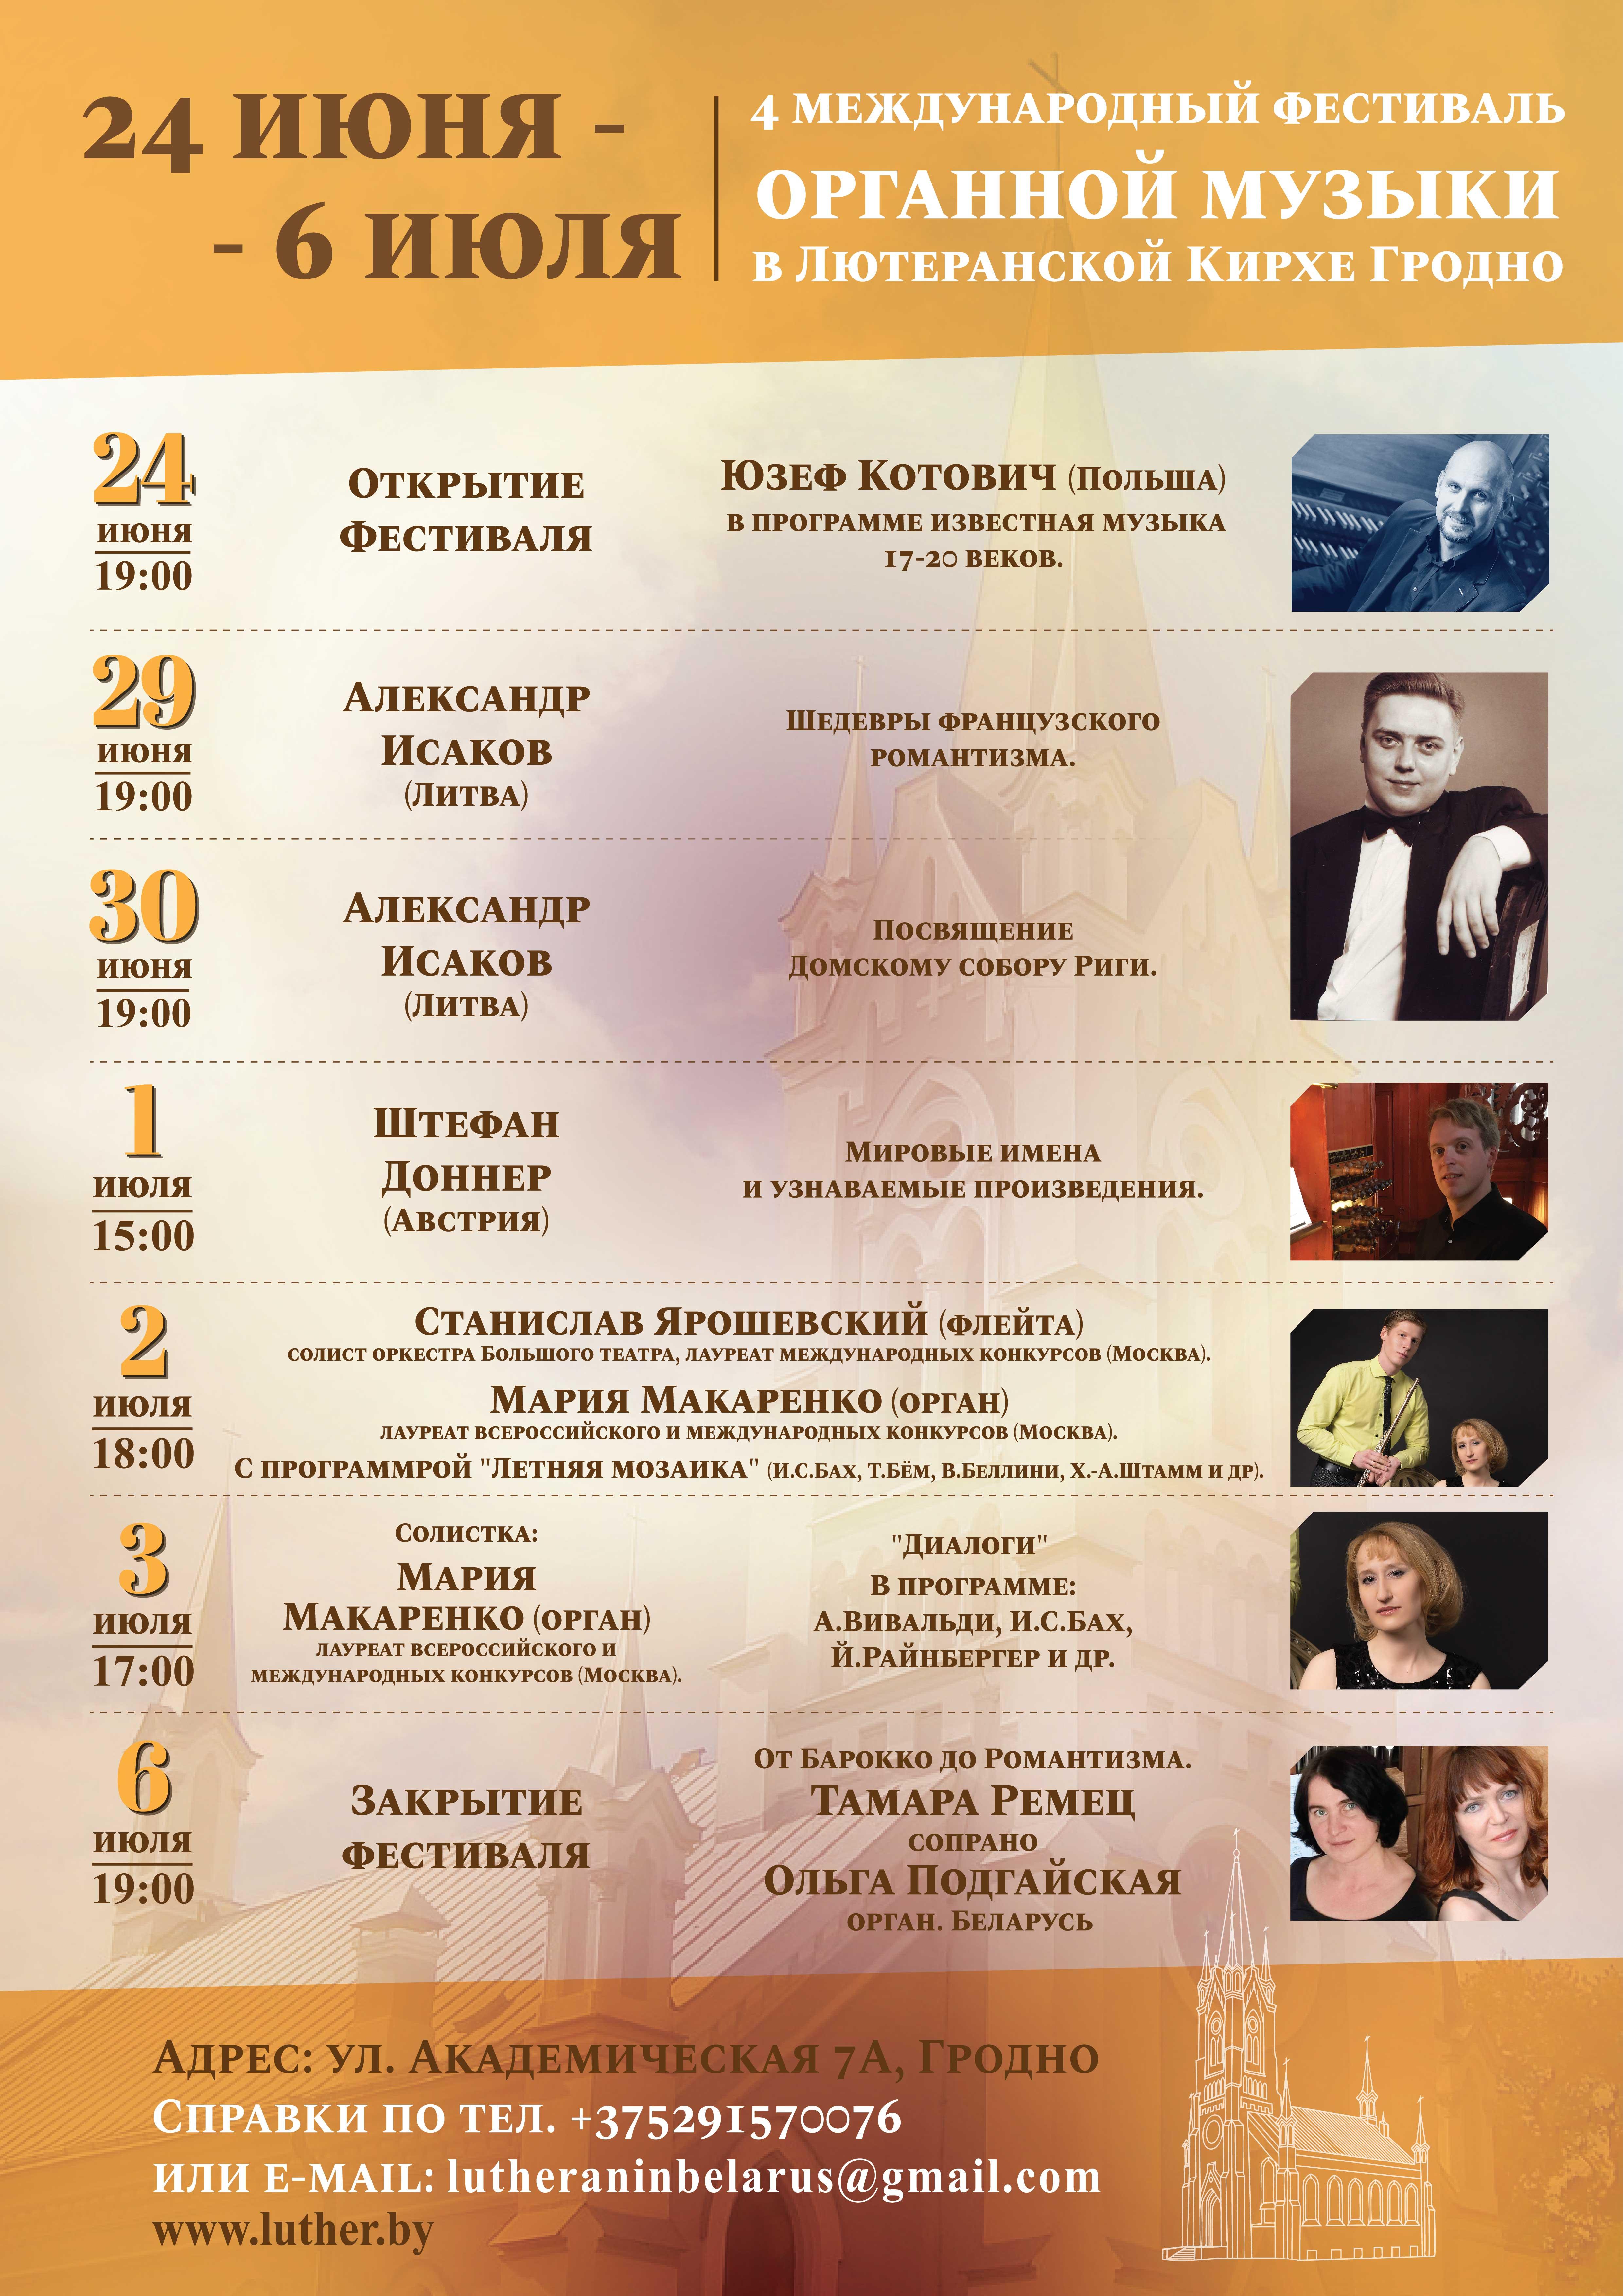 Чацвёрты міжнародны фестываль арганнай музыкі ў Лютэранскай кірсе